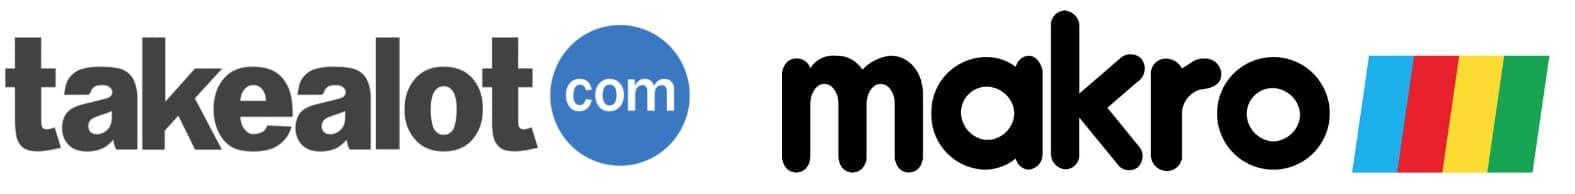 Makro - Store